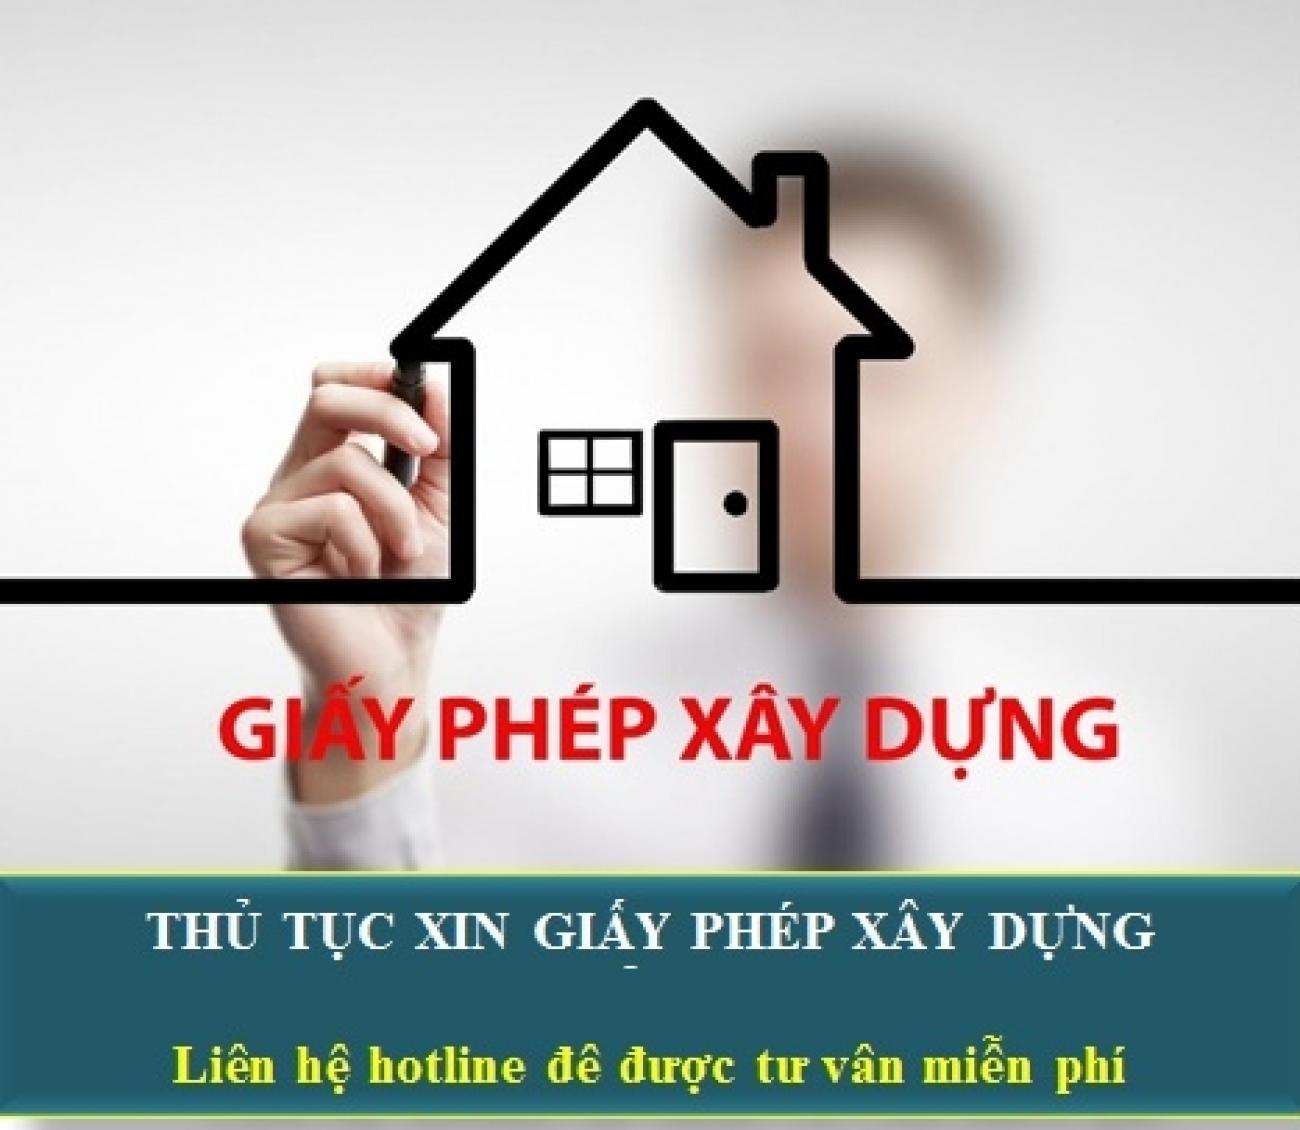 Dịch vụ xin giấy phép xây dựng tại Tp Hcm